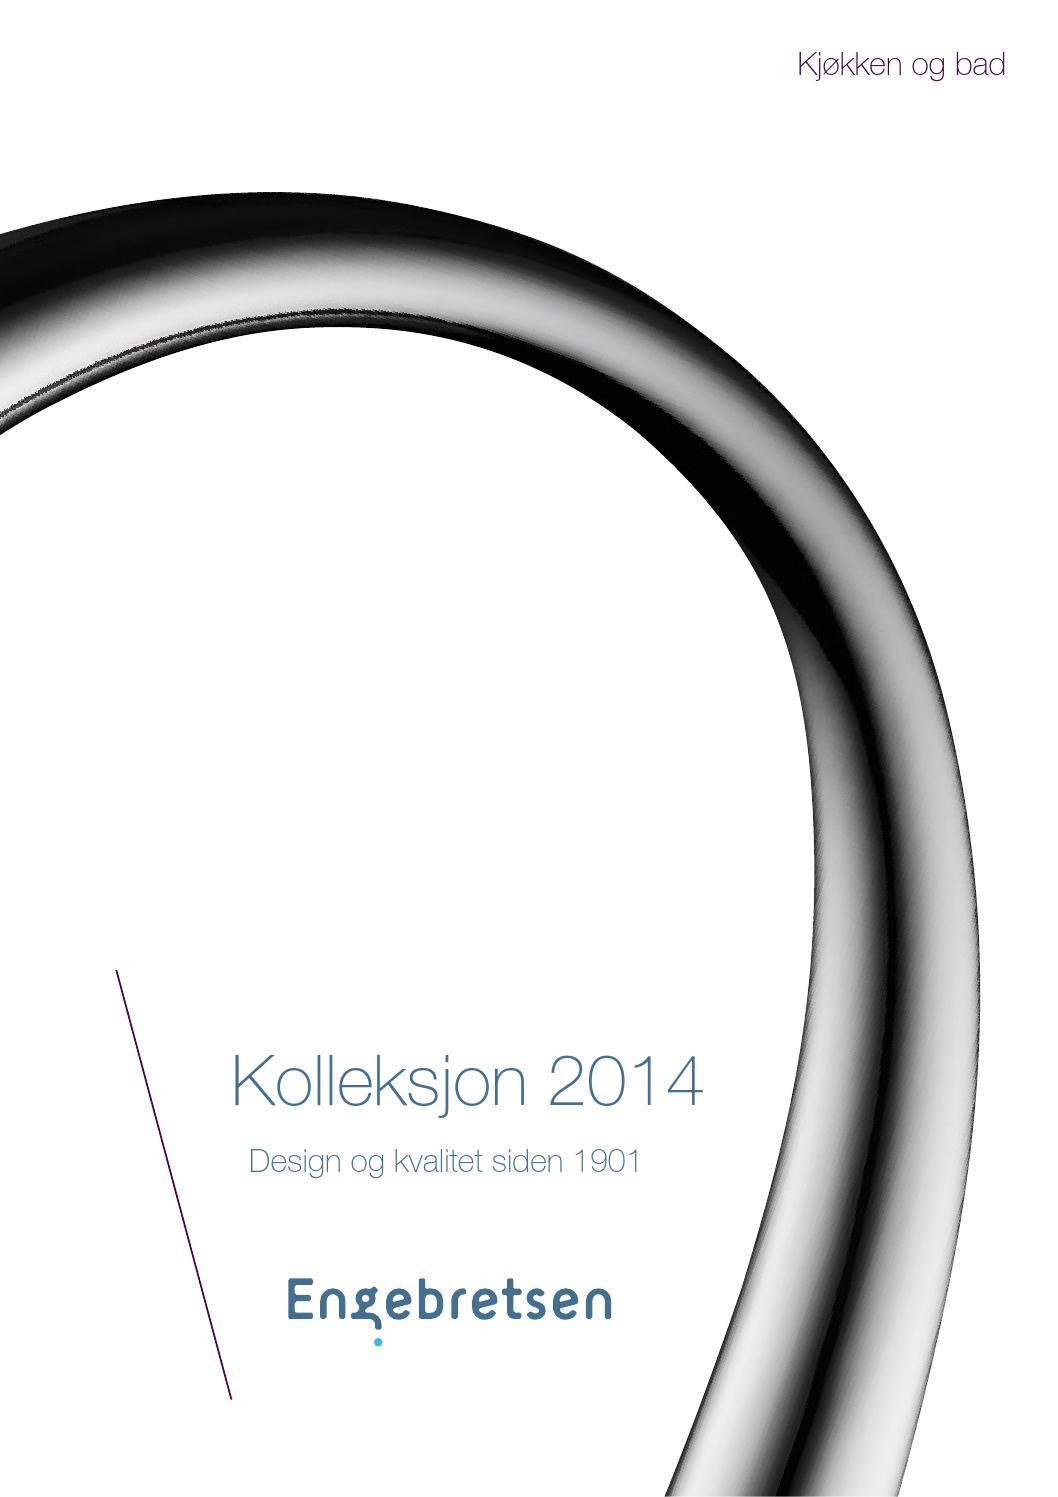 engebretsen kolleksjonskatalog 2014 kj kken og bad by thor issuu. Black Bedroom Furniture Sets. Home Design Ideas